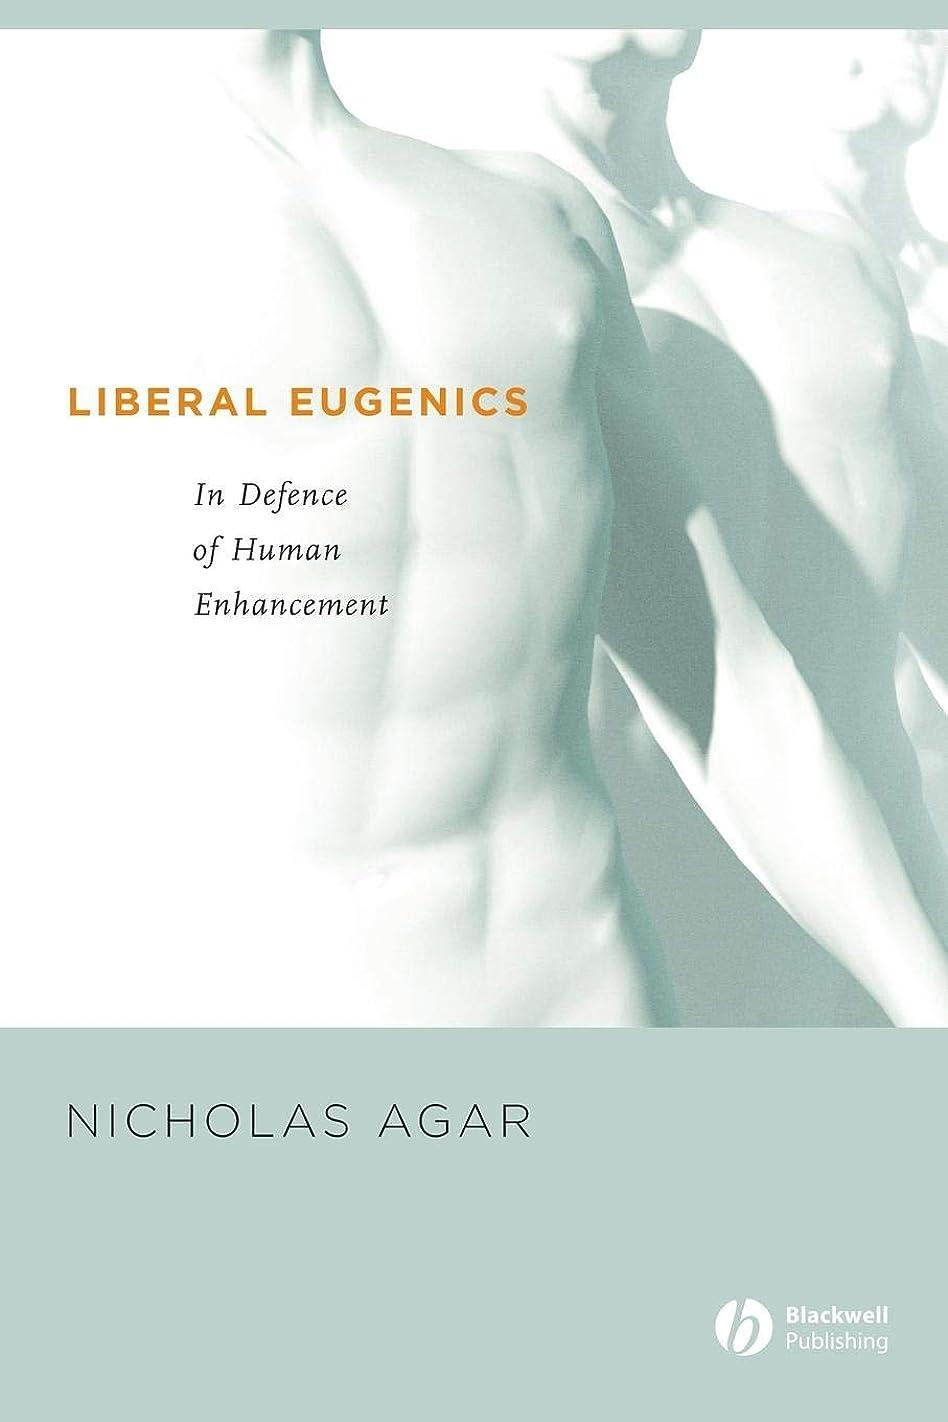 クリスチャンスキッパー広がりLiberal Eugenics: In Defence of Human Enhancement (Wiley Desktop Editions)